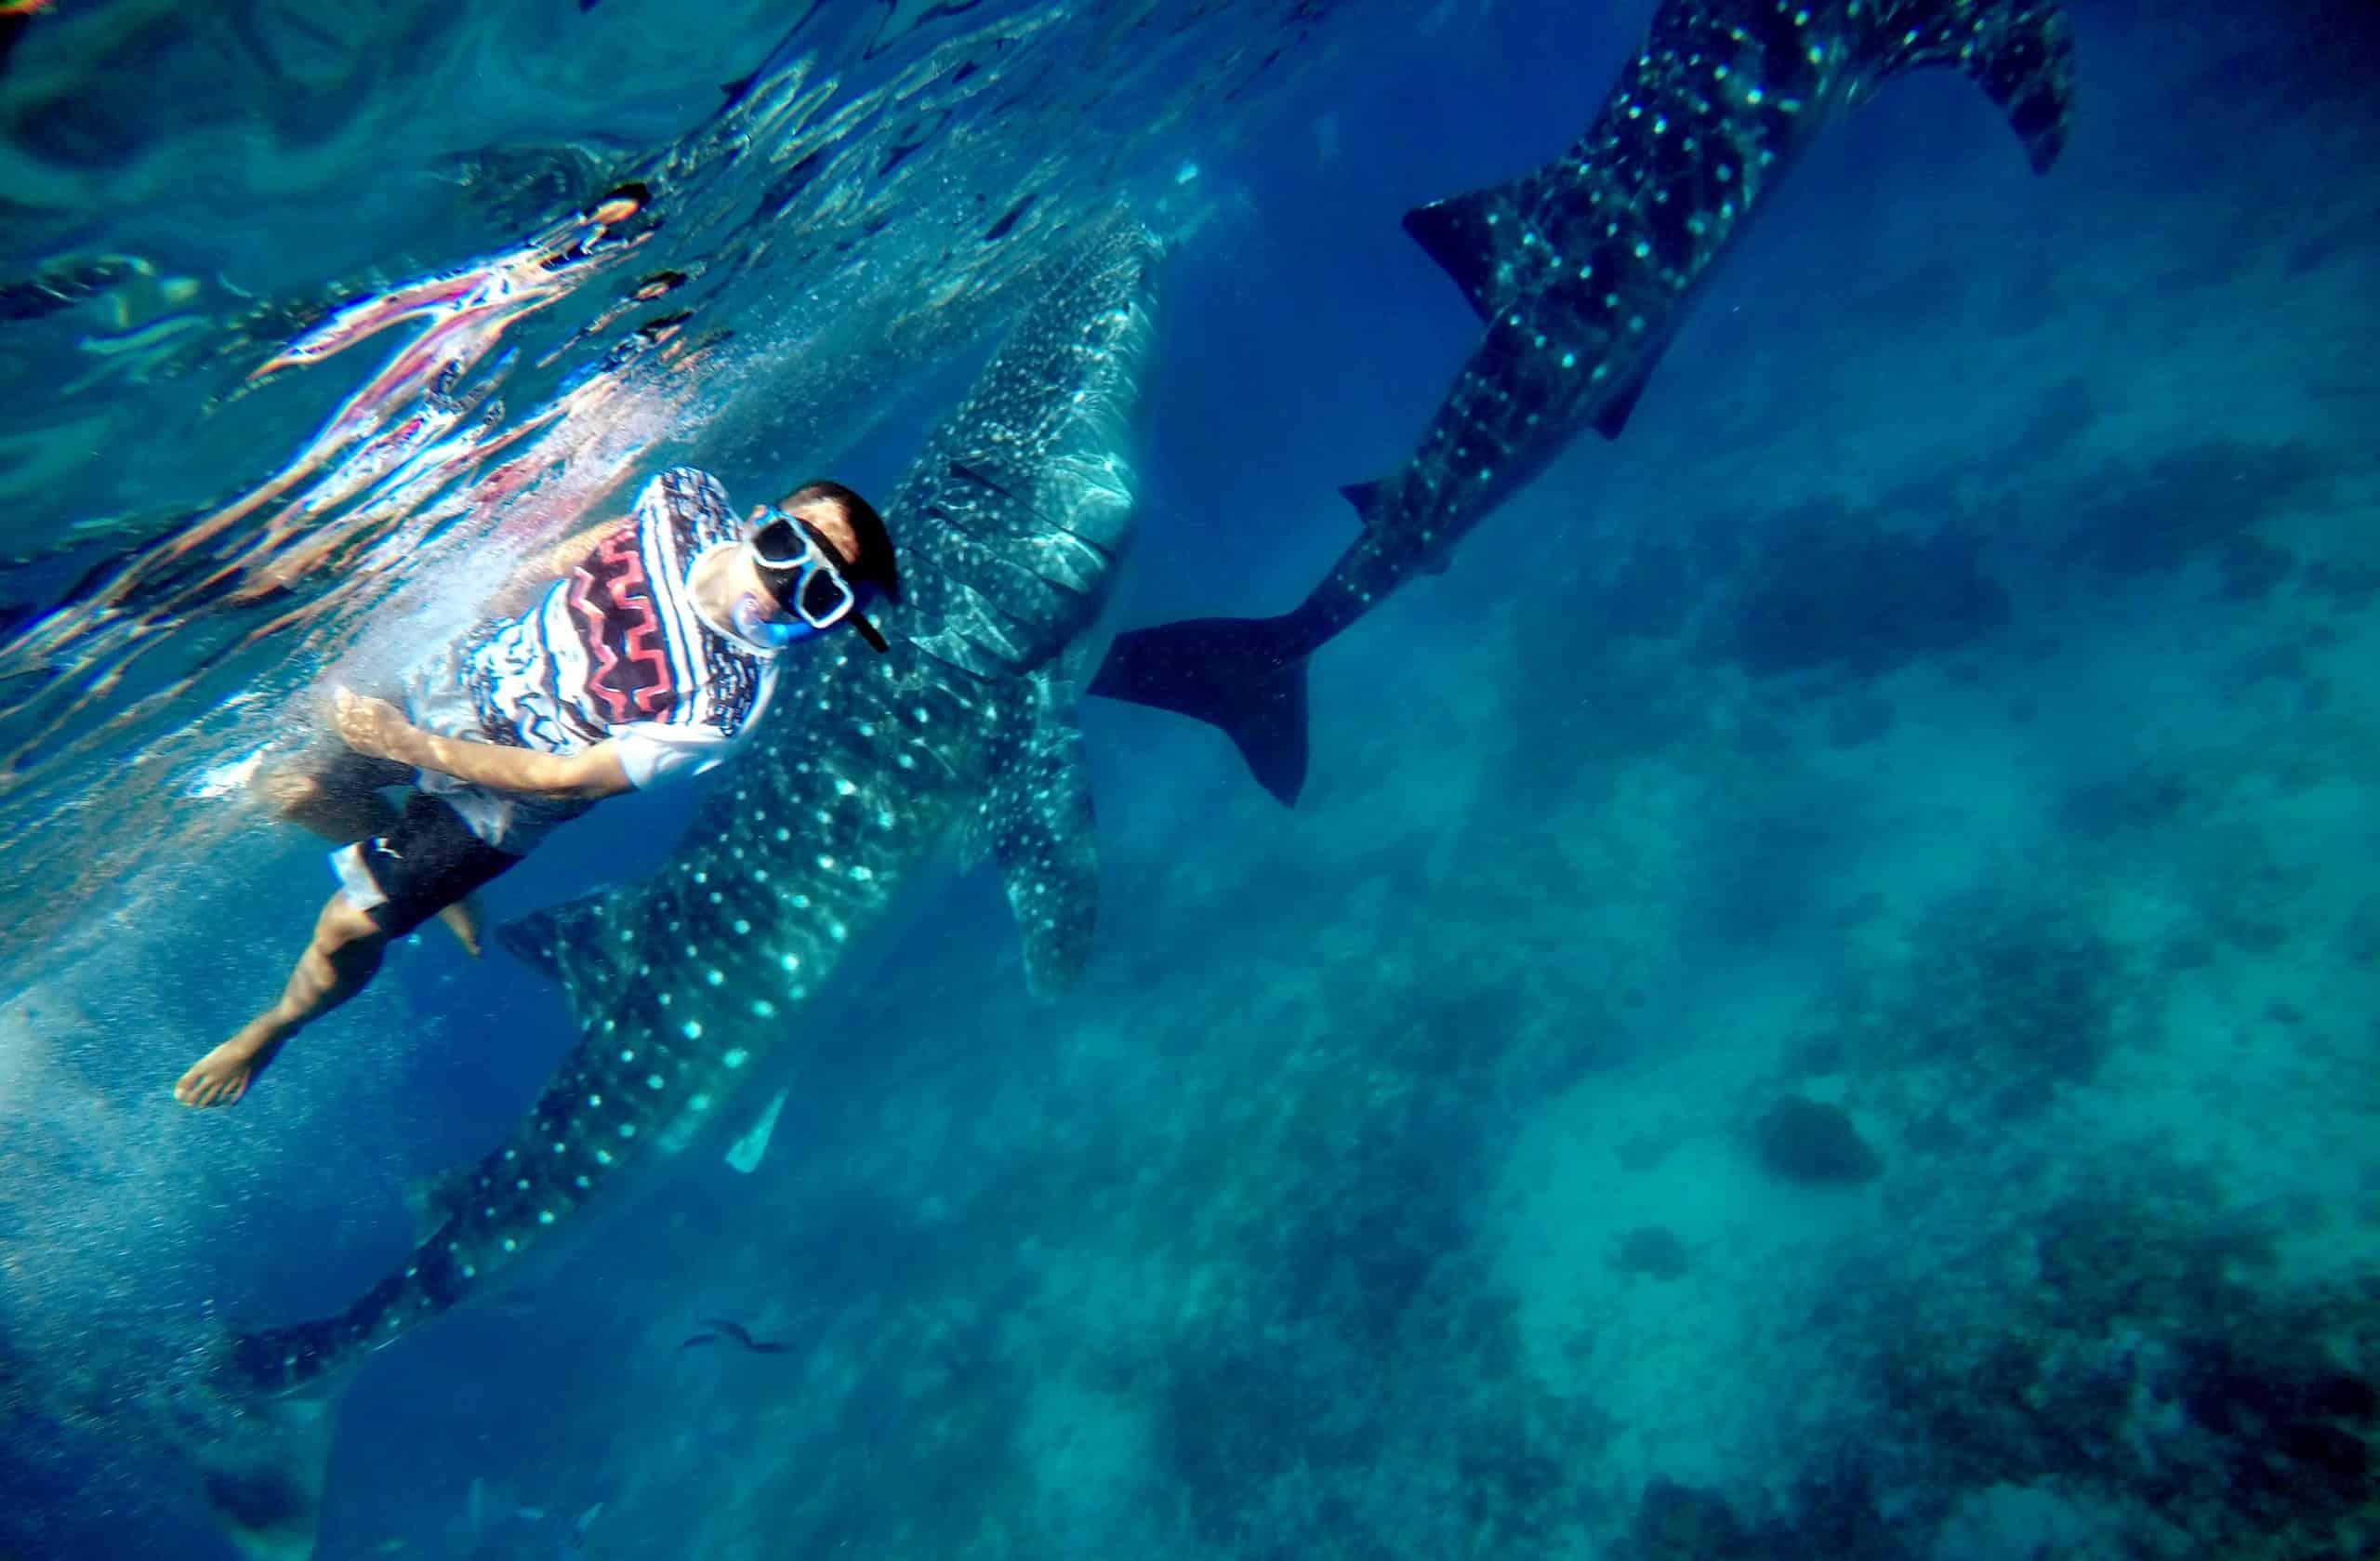 צלילה עם כרישי לוויתן וקפיצה מצוקי קאוואסאן